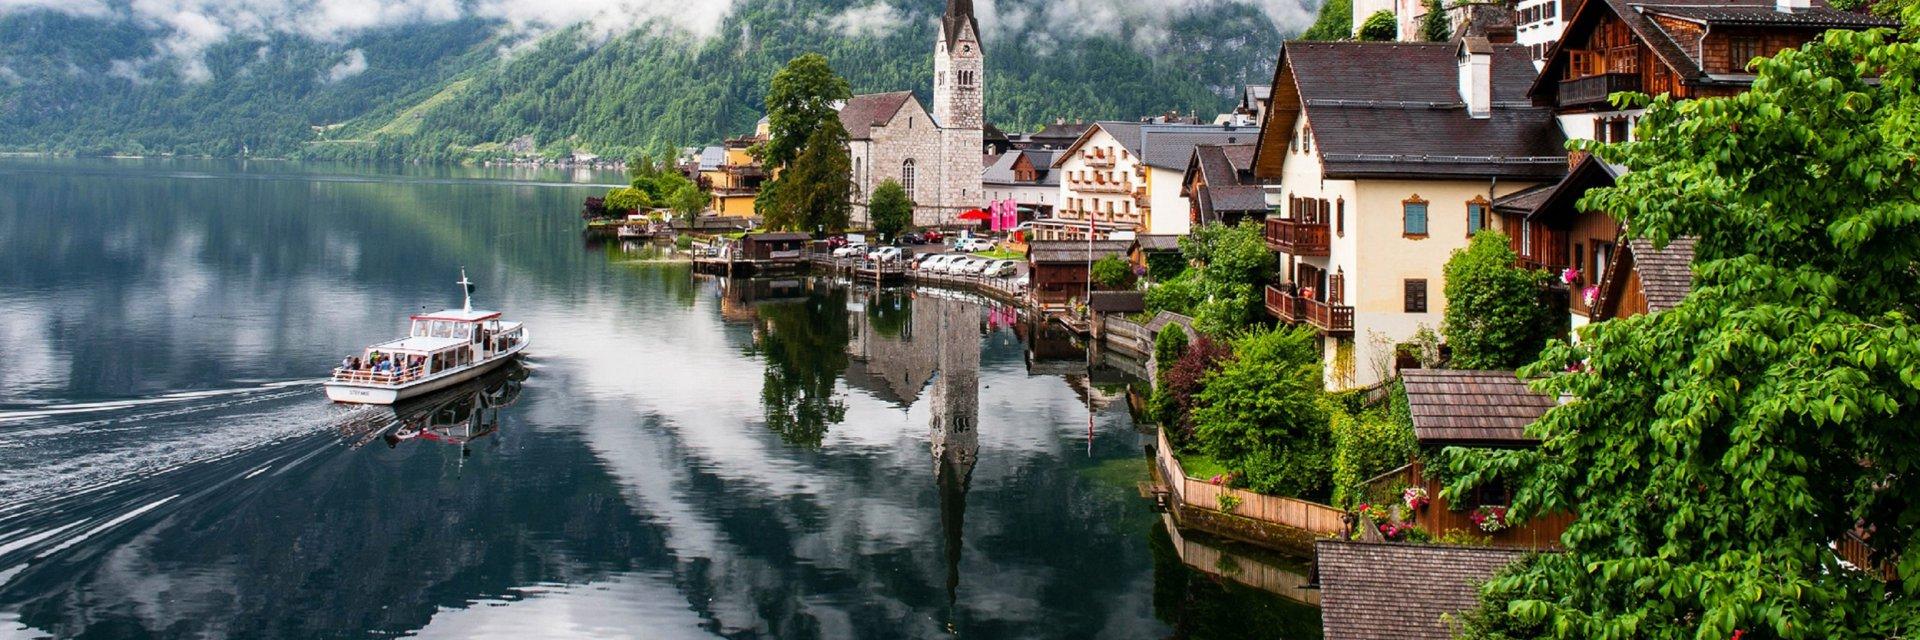 Gappmaier 3* (Зальбах-Хинтерглем, Австрия) - цены, отзывы, фото, бронирование - ПАКС